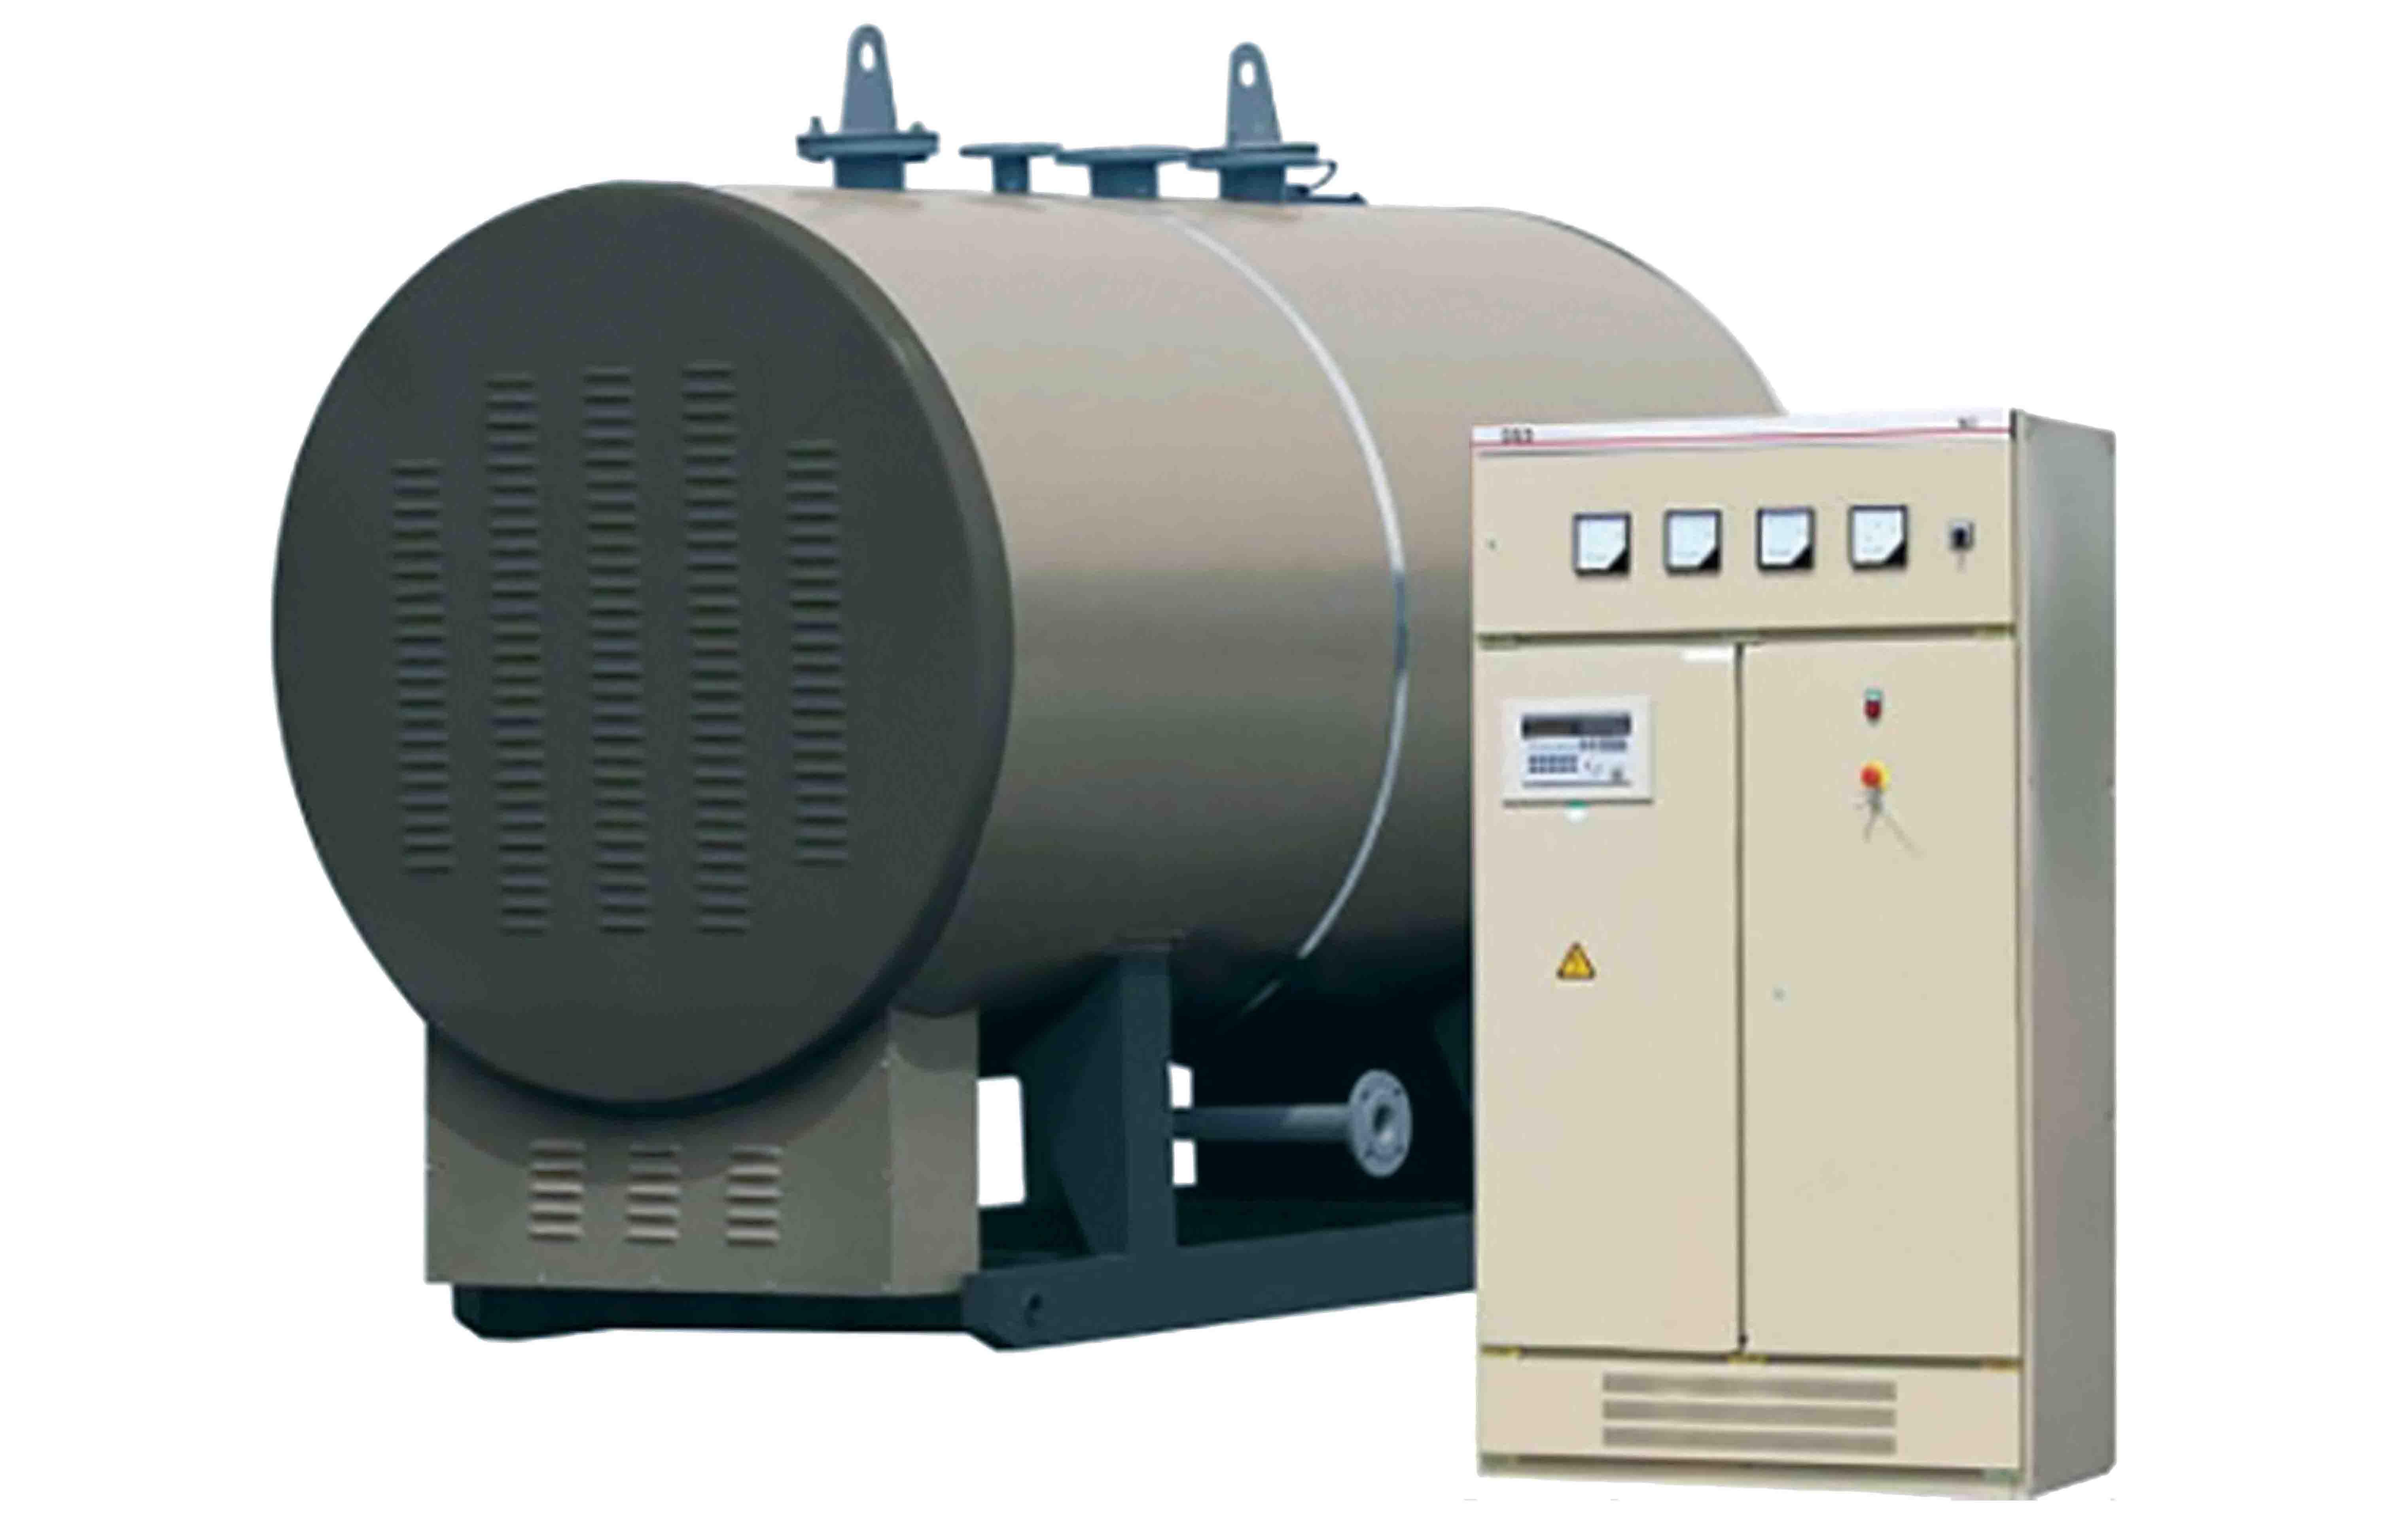 四川養殖采暖設備中專用鍋爐的基本概念介紹